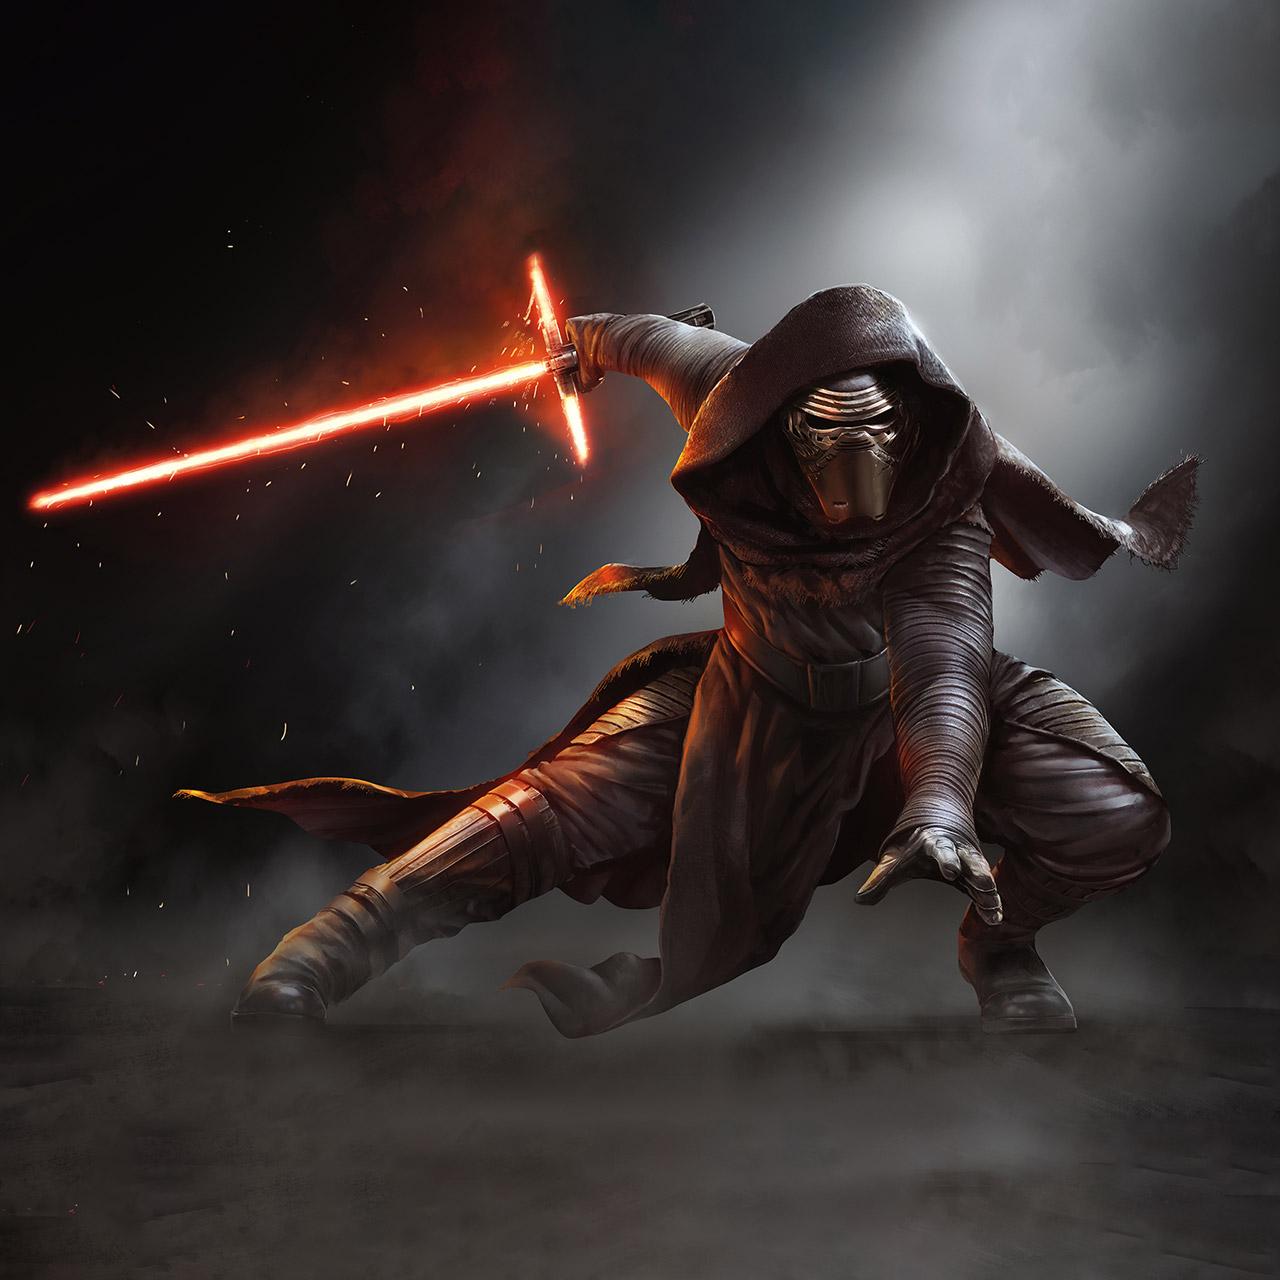 Star Wars The Force Awakens Kylo Ren Google Nexus 7 wallpapers 1280x1280